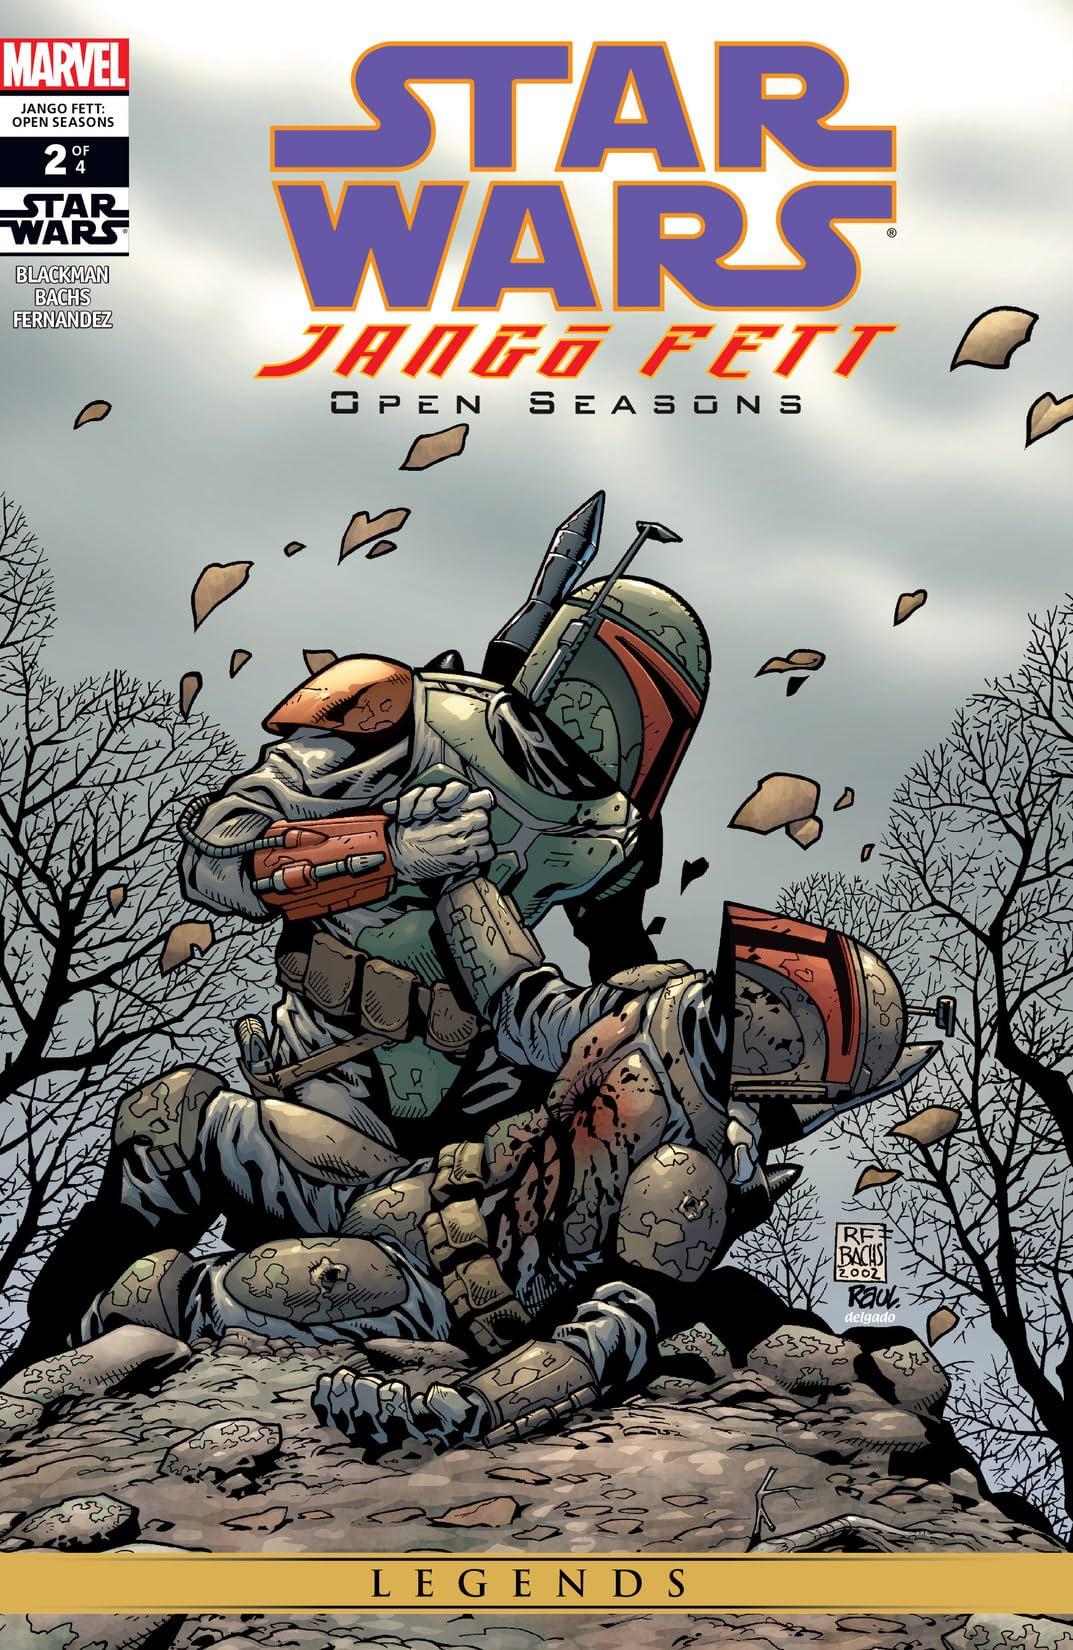 Star Wars: Jango Fett - Open Seasons (2002) #2 (of 4)